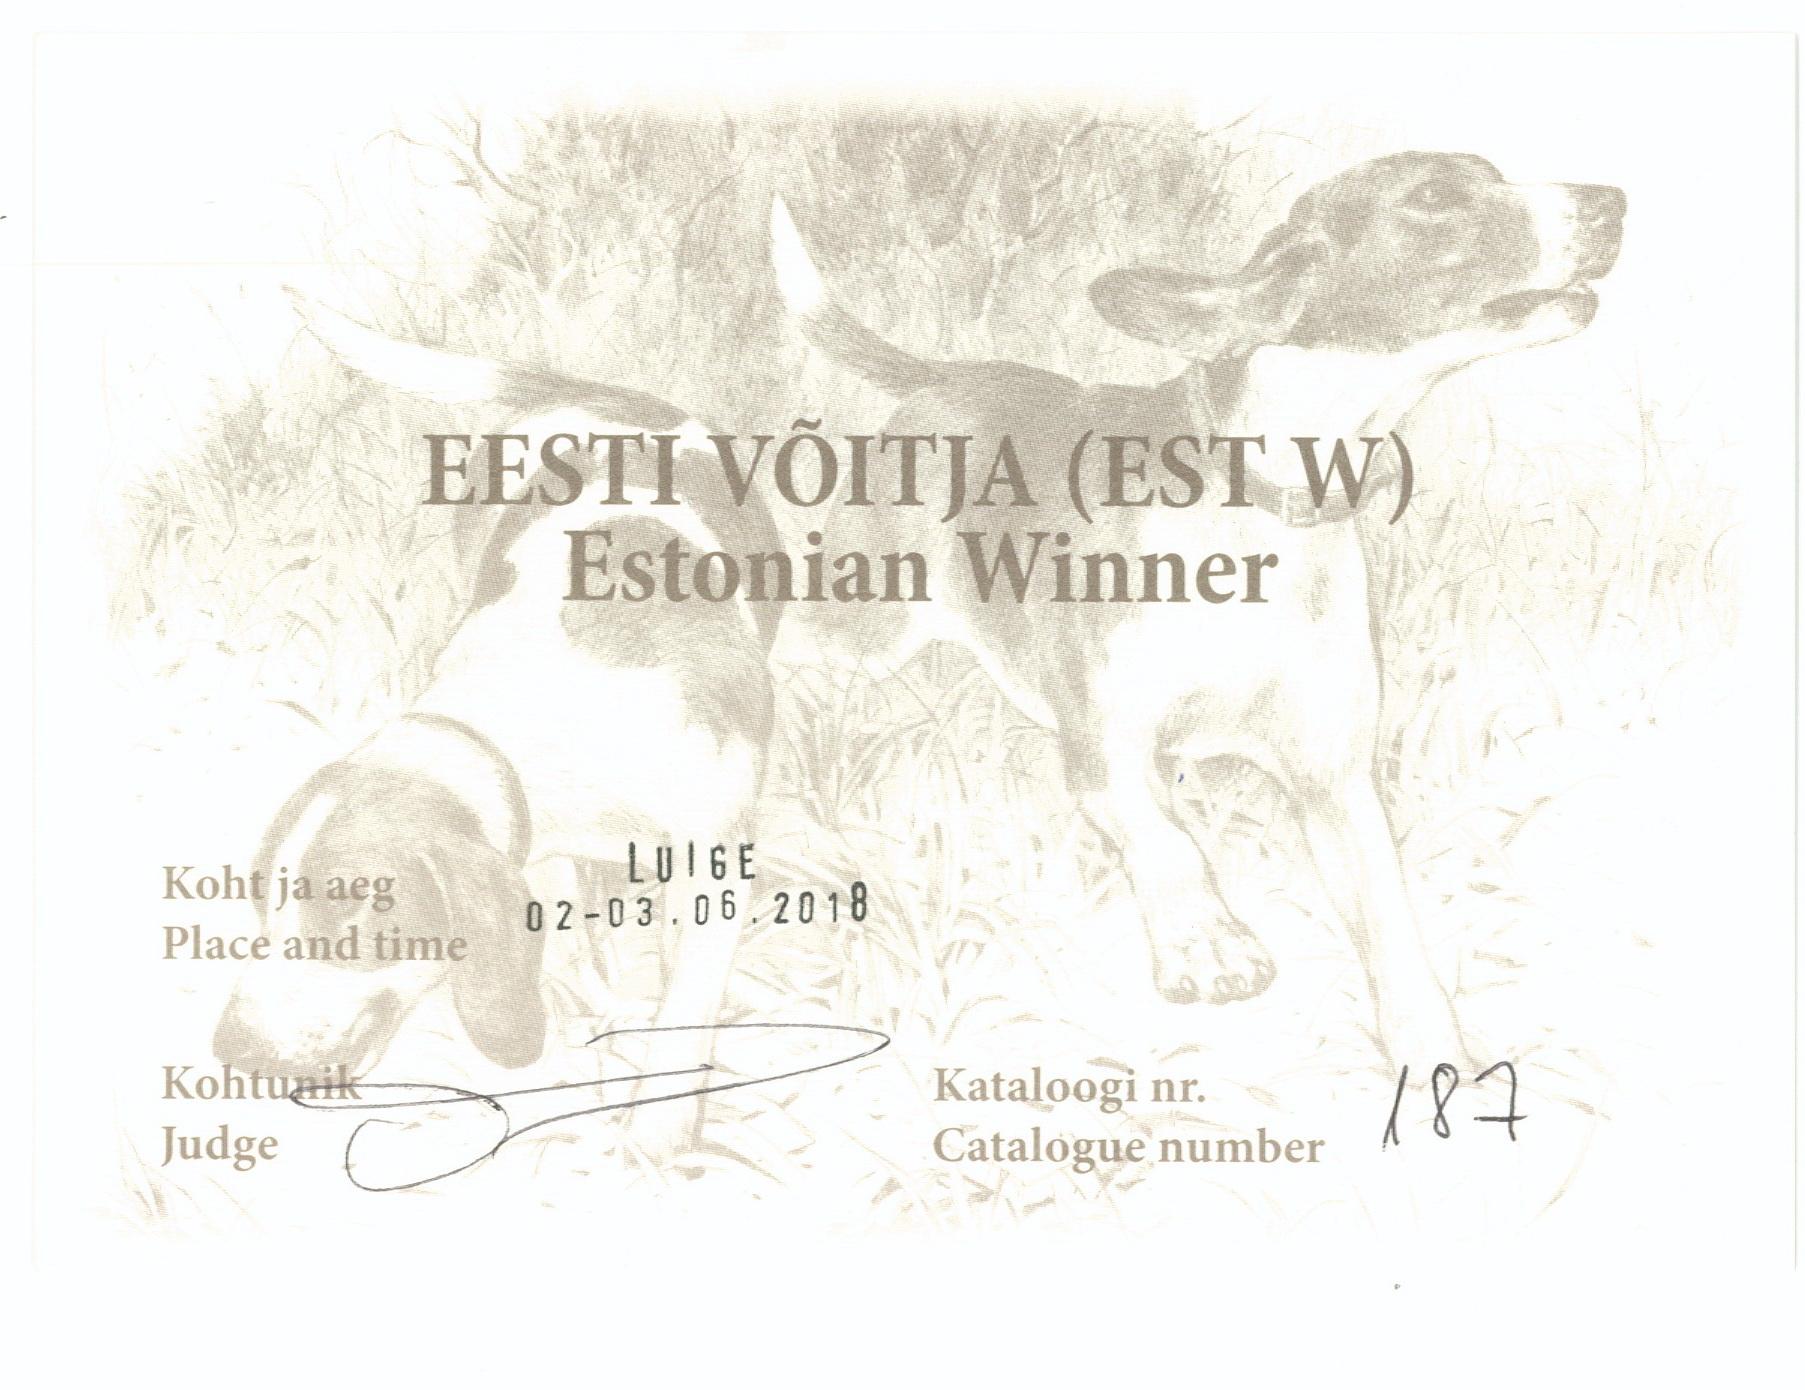 Шон Ю.Эстония Виннер